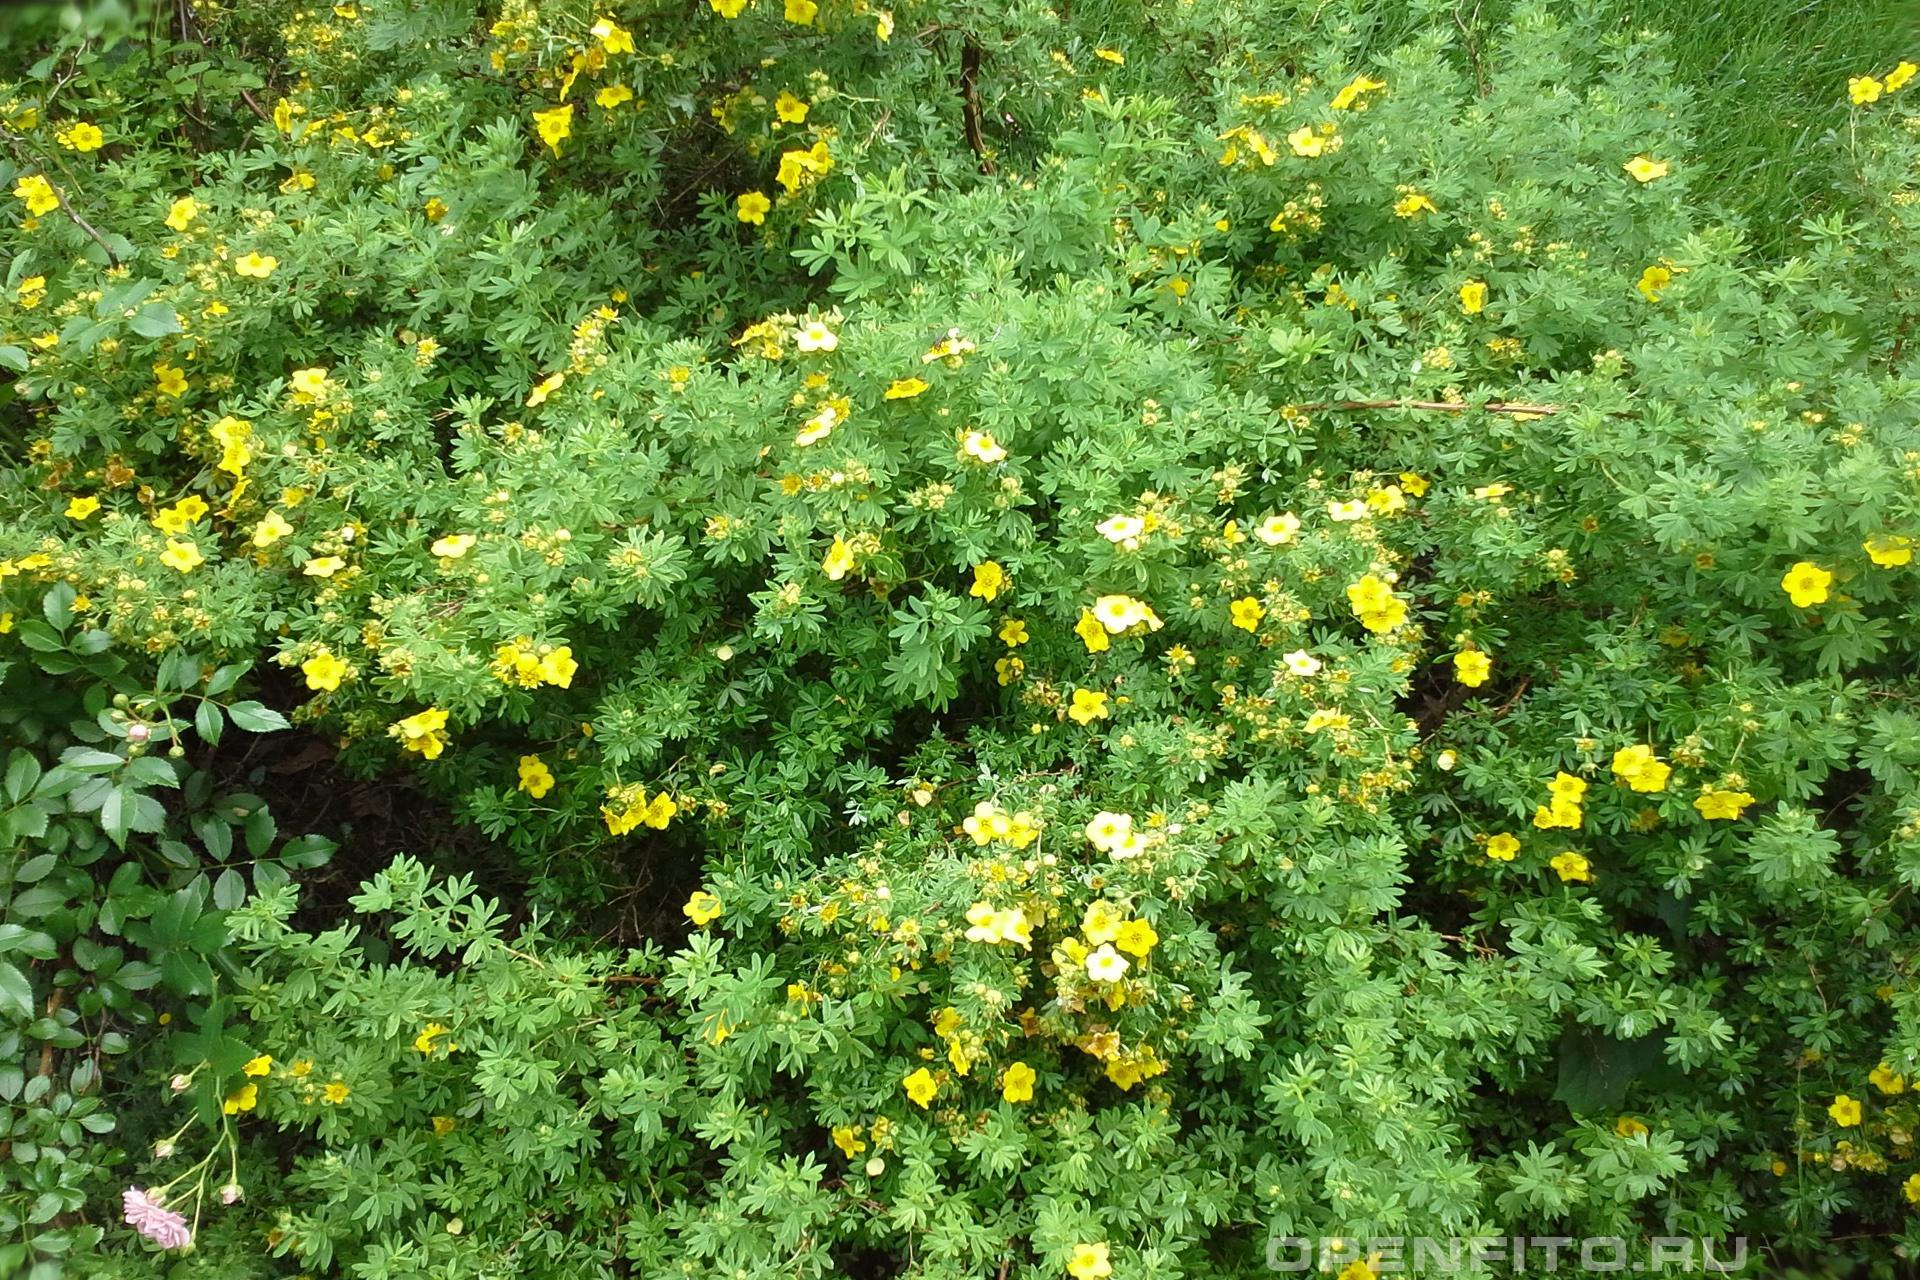 Курильский чай необычайно полезное растение и при этом вкусное - лапчатка кустарниковая